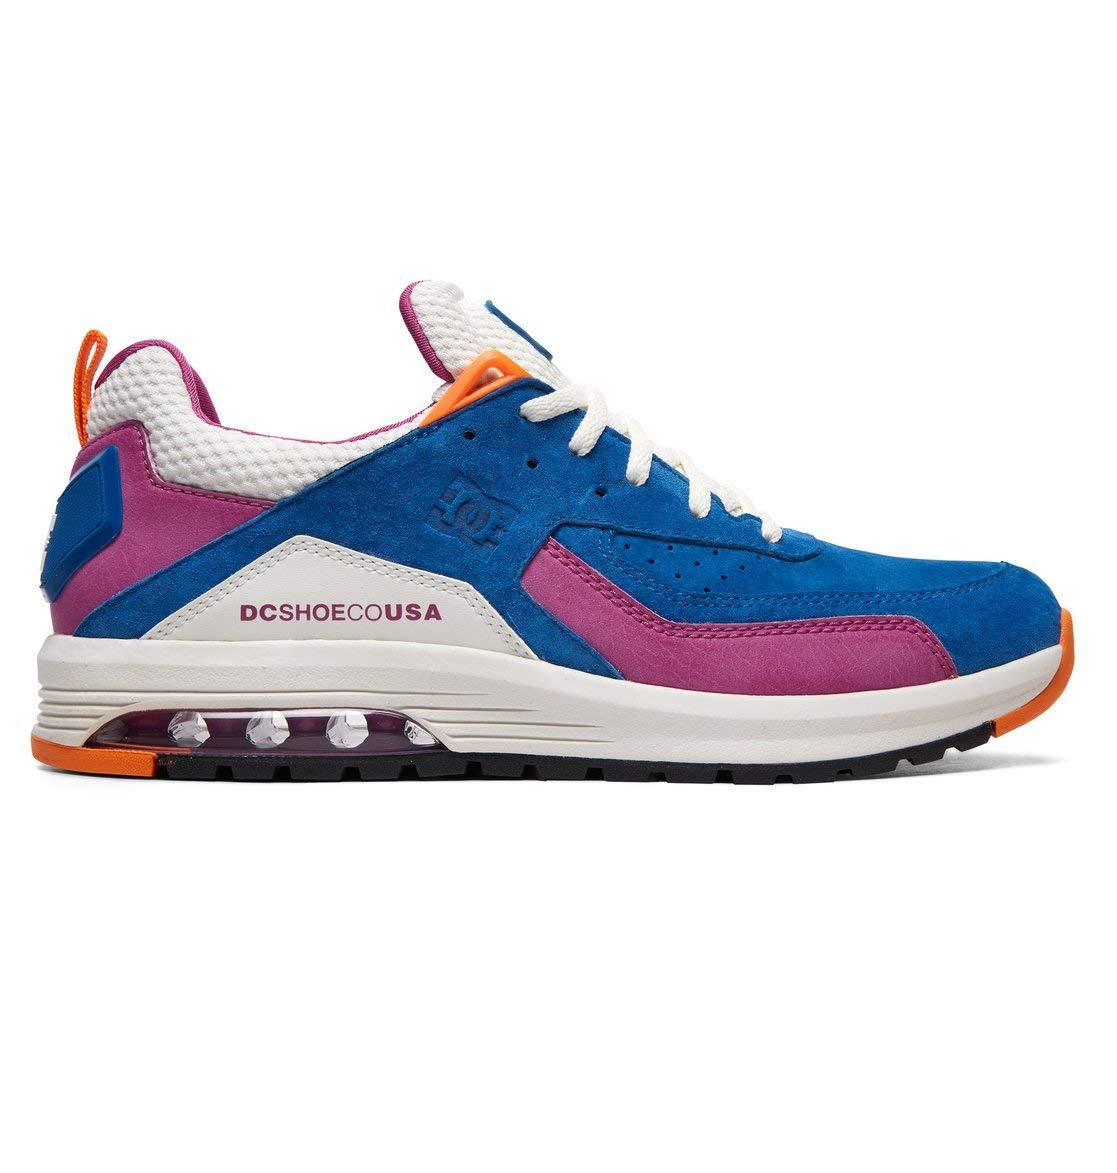 Nike Jordan 3 Retro GT Girls Fashion-Sneakers 654964-506/_5C Dark Purple Dust//Atomic Pink//Bluecap//White